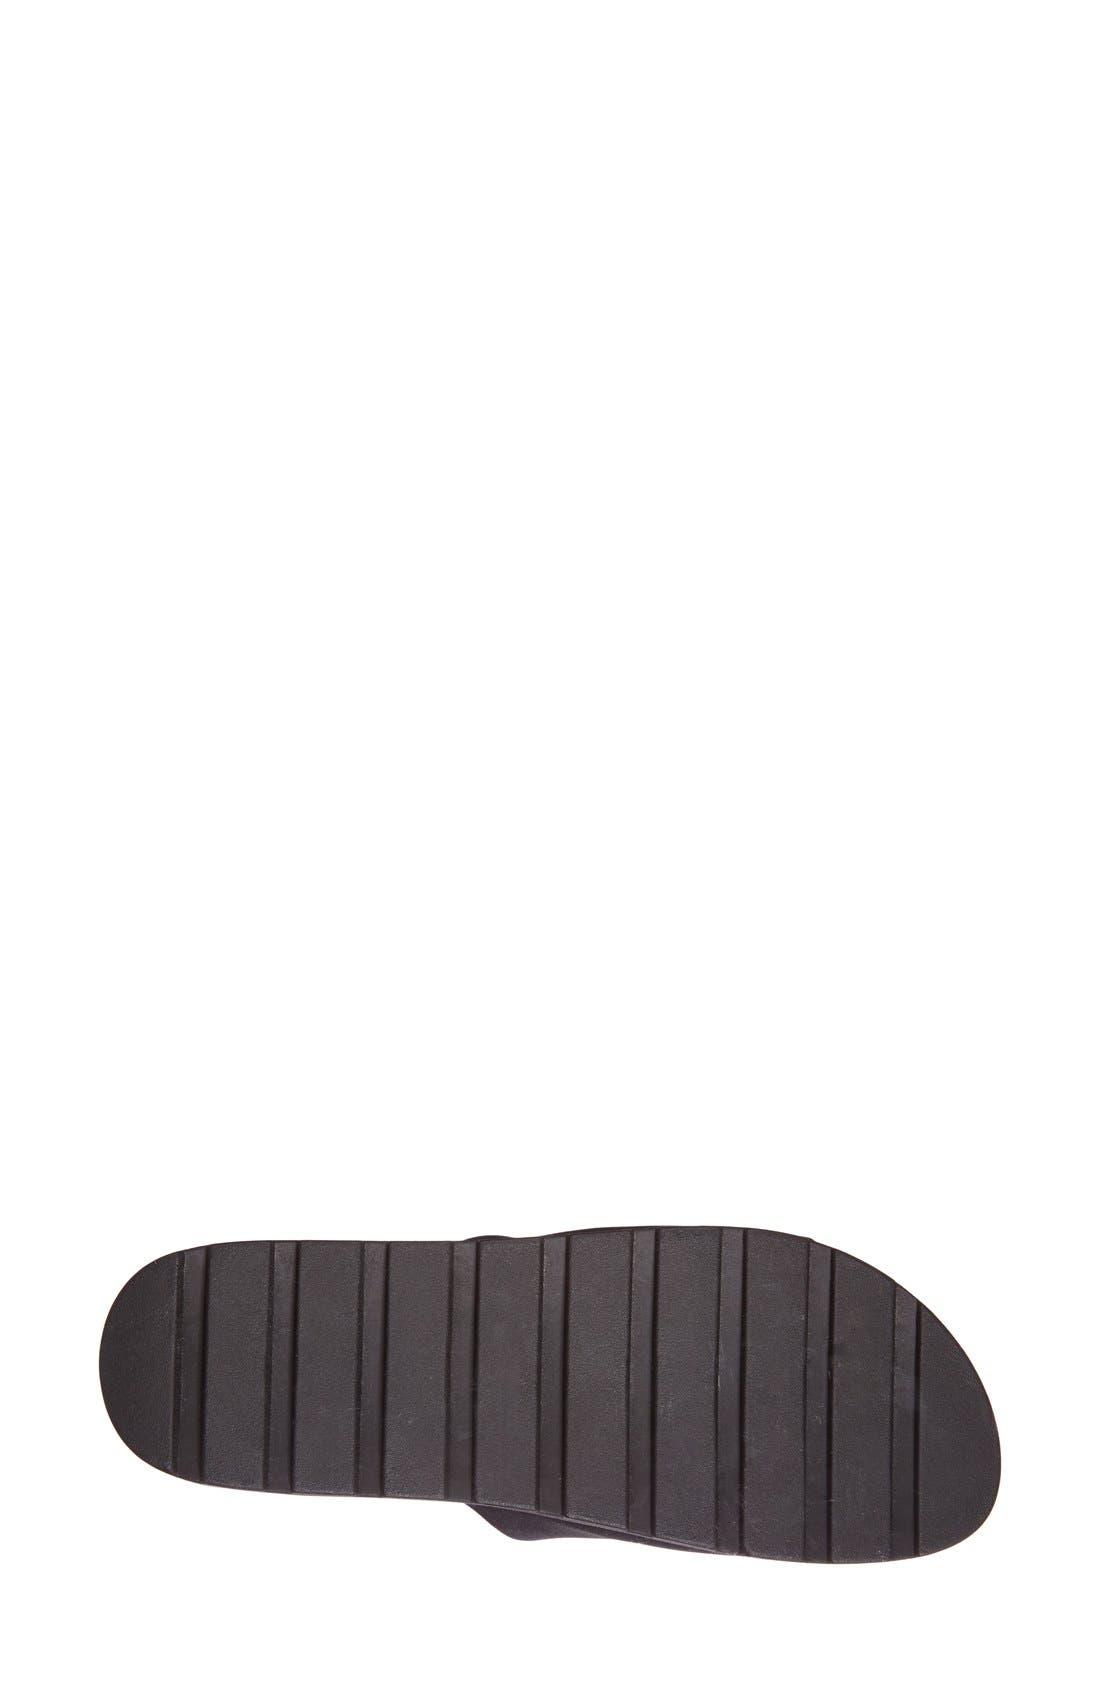 Alternate Image 4  - JSlides 'Telly' Flatform Slide Sandal (Women)